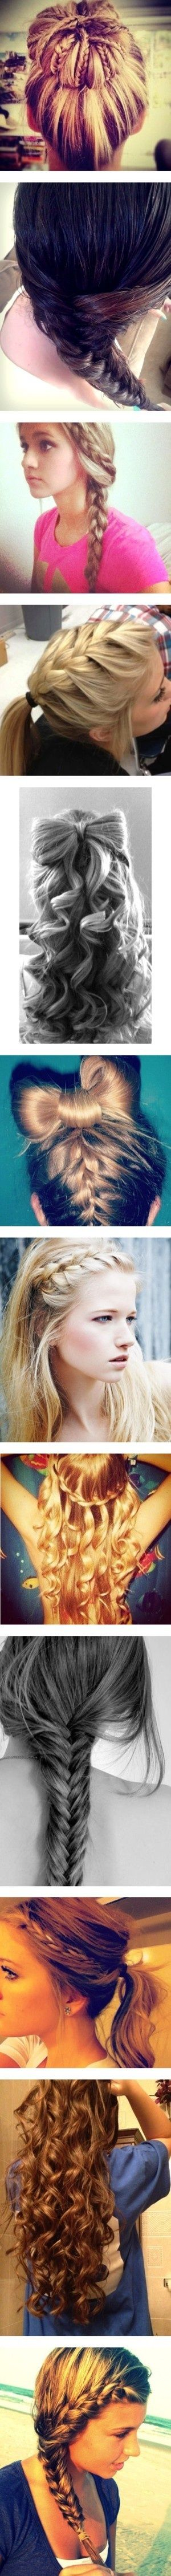 ohmygoodness braids